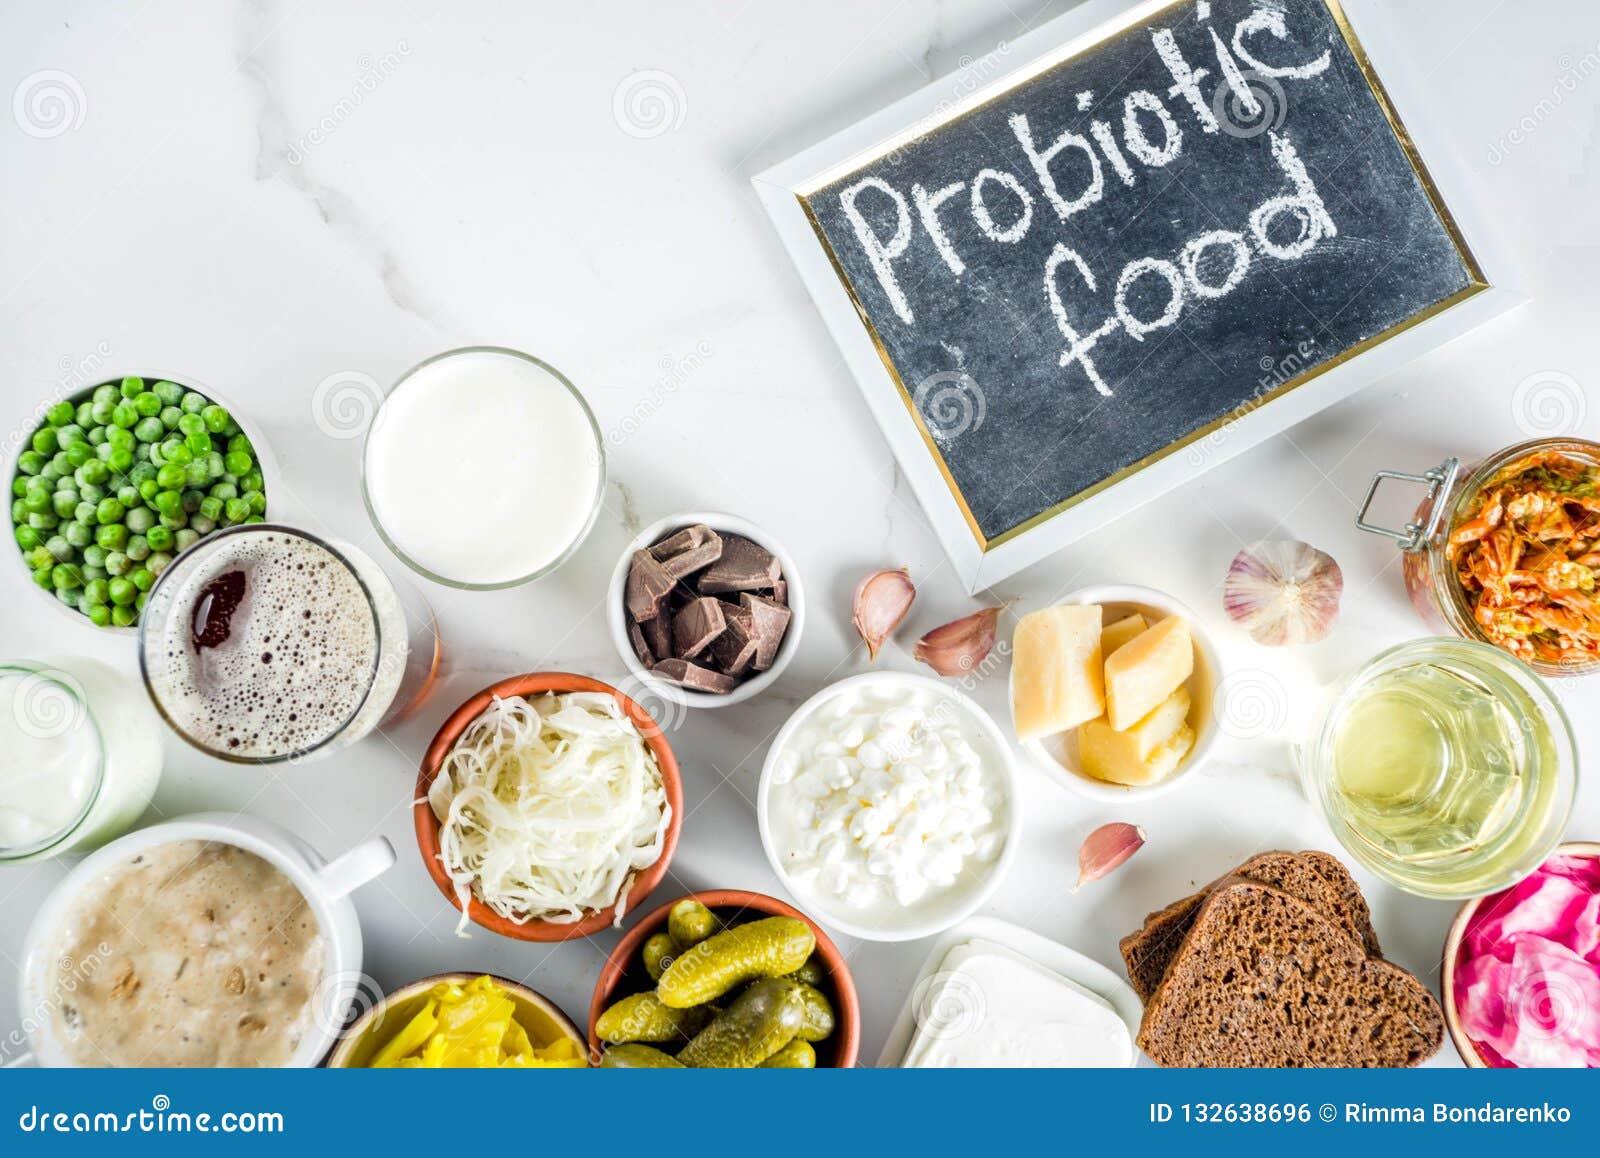 超级健康前生命期的被发酵的食物来源